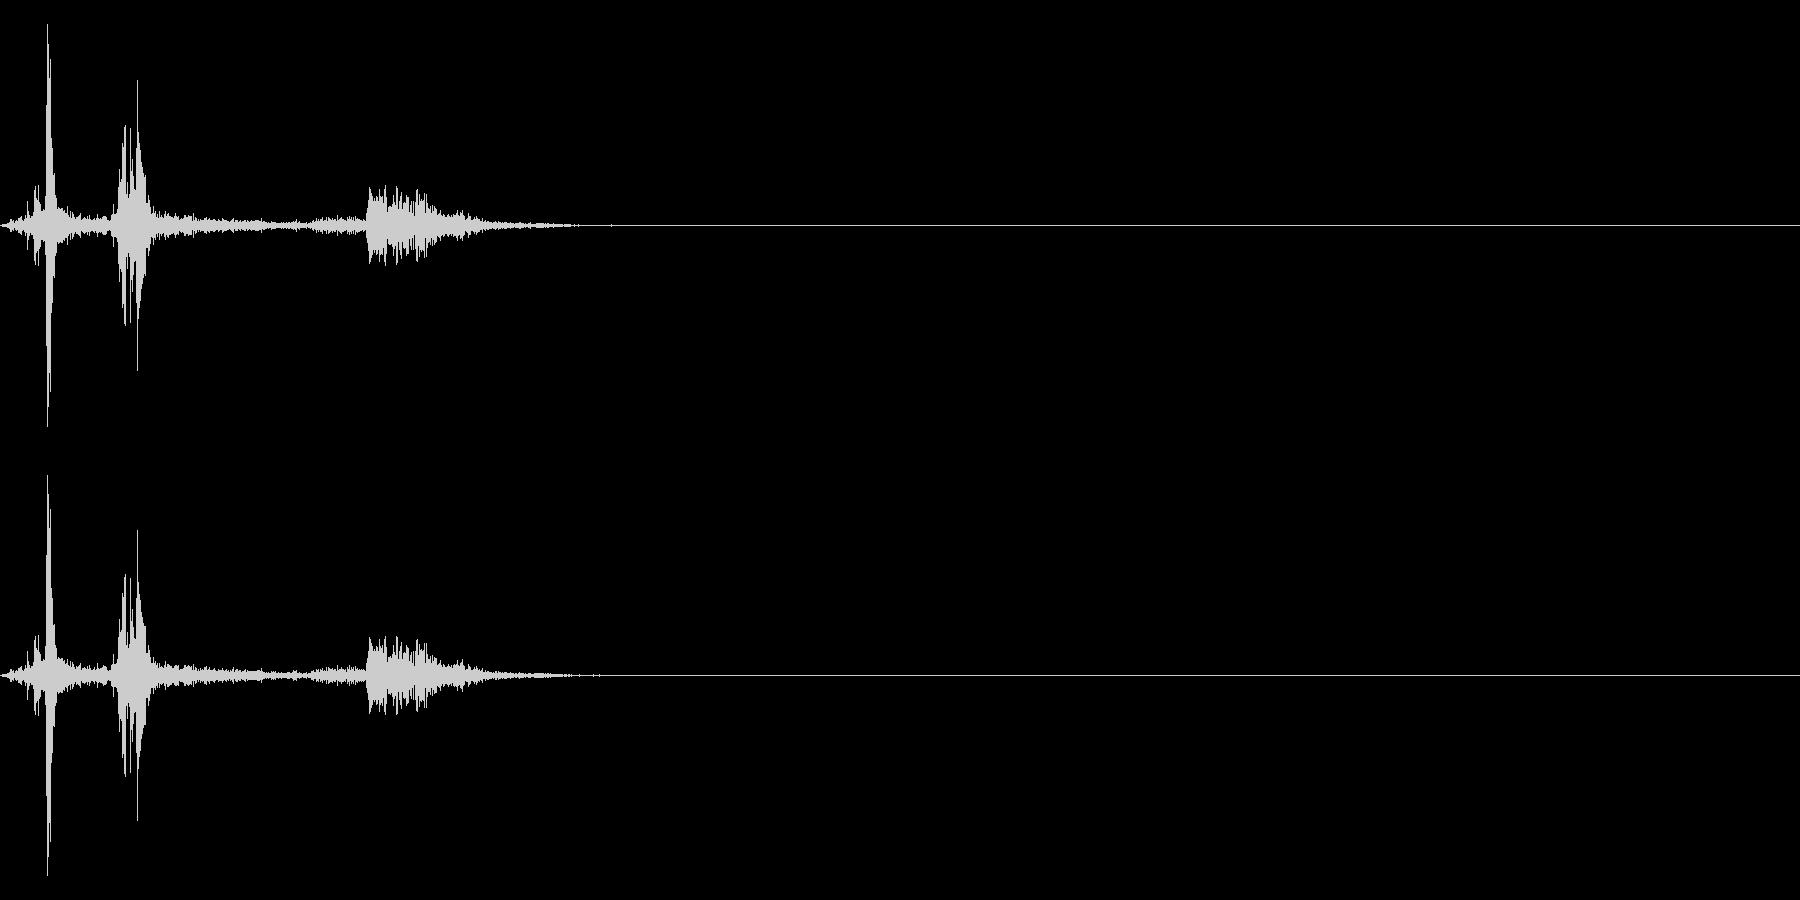 パシャッ_カメラのシャッター音の未再生の波形